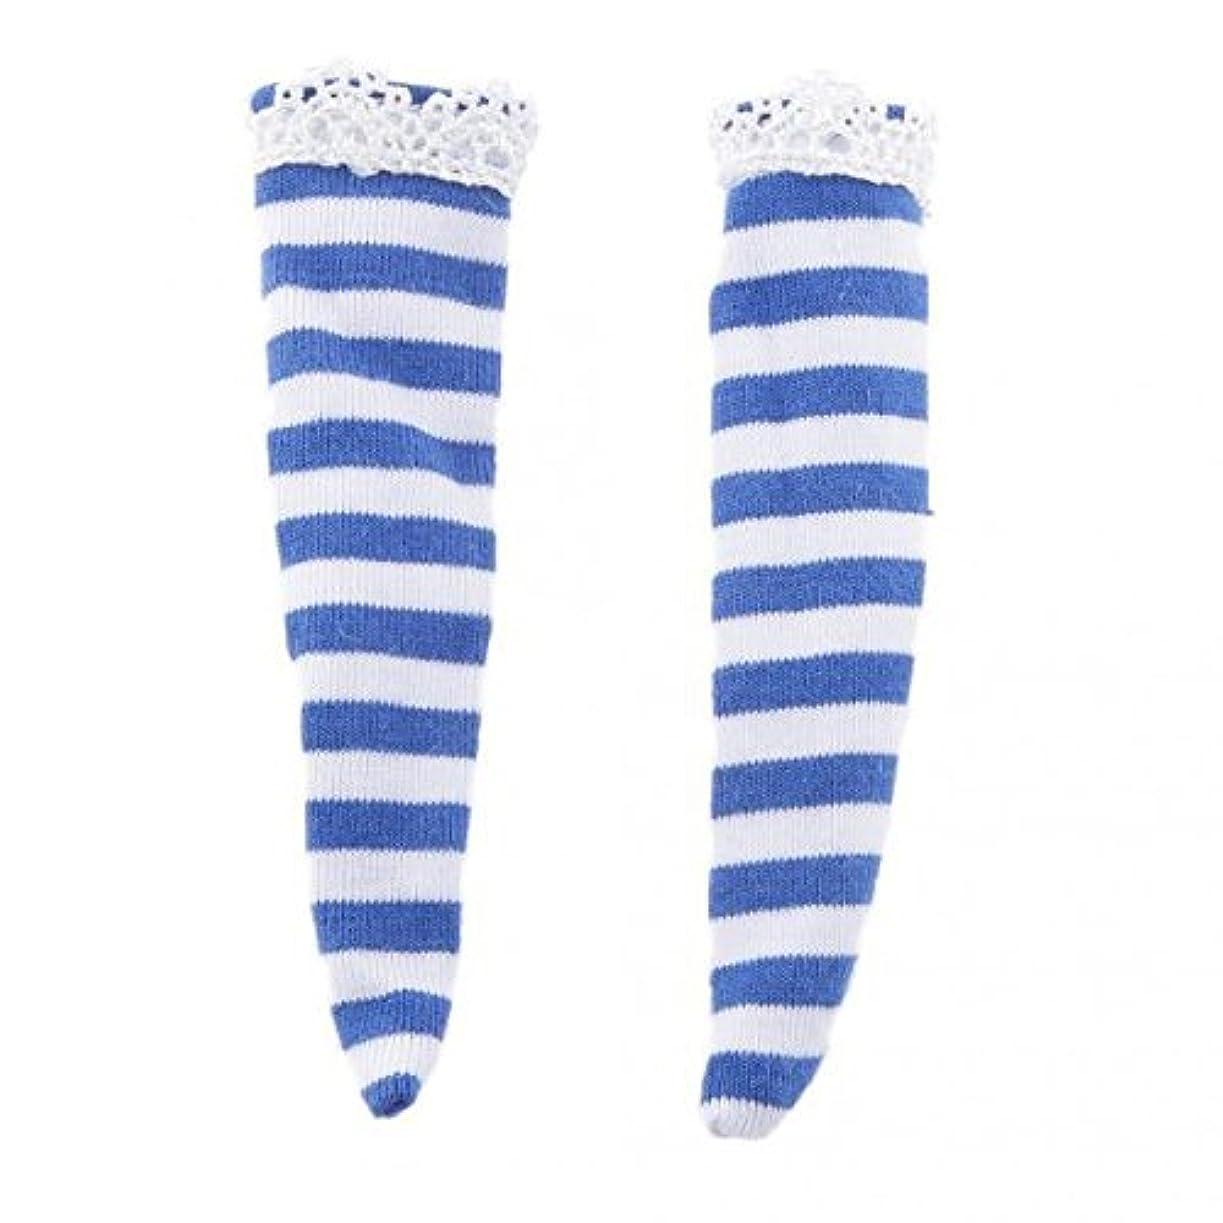 不均一放映別の人形服 ドール服 レースストッキング ミニストッキング ソックス 12インチの人形対応 2ペア全5色 - ブルー